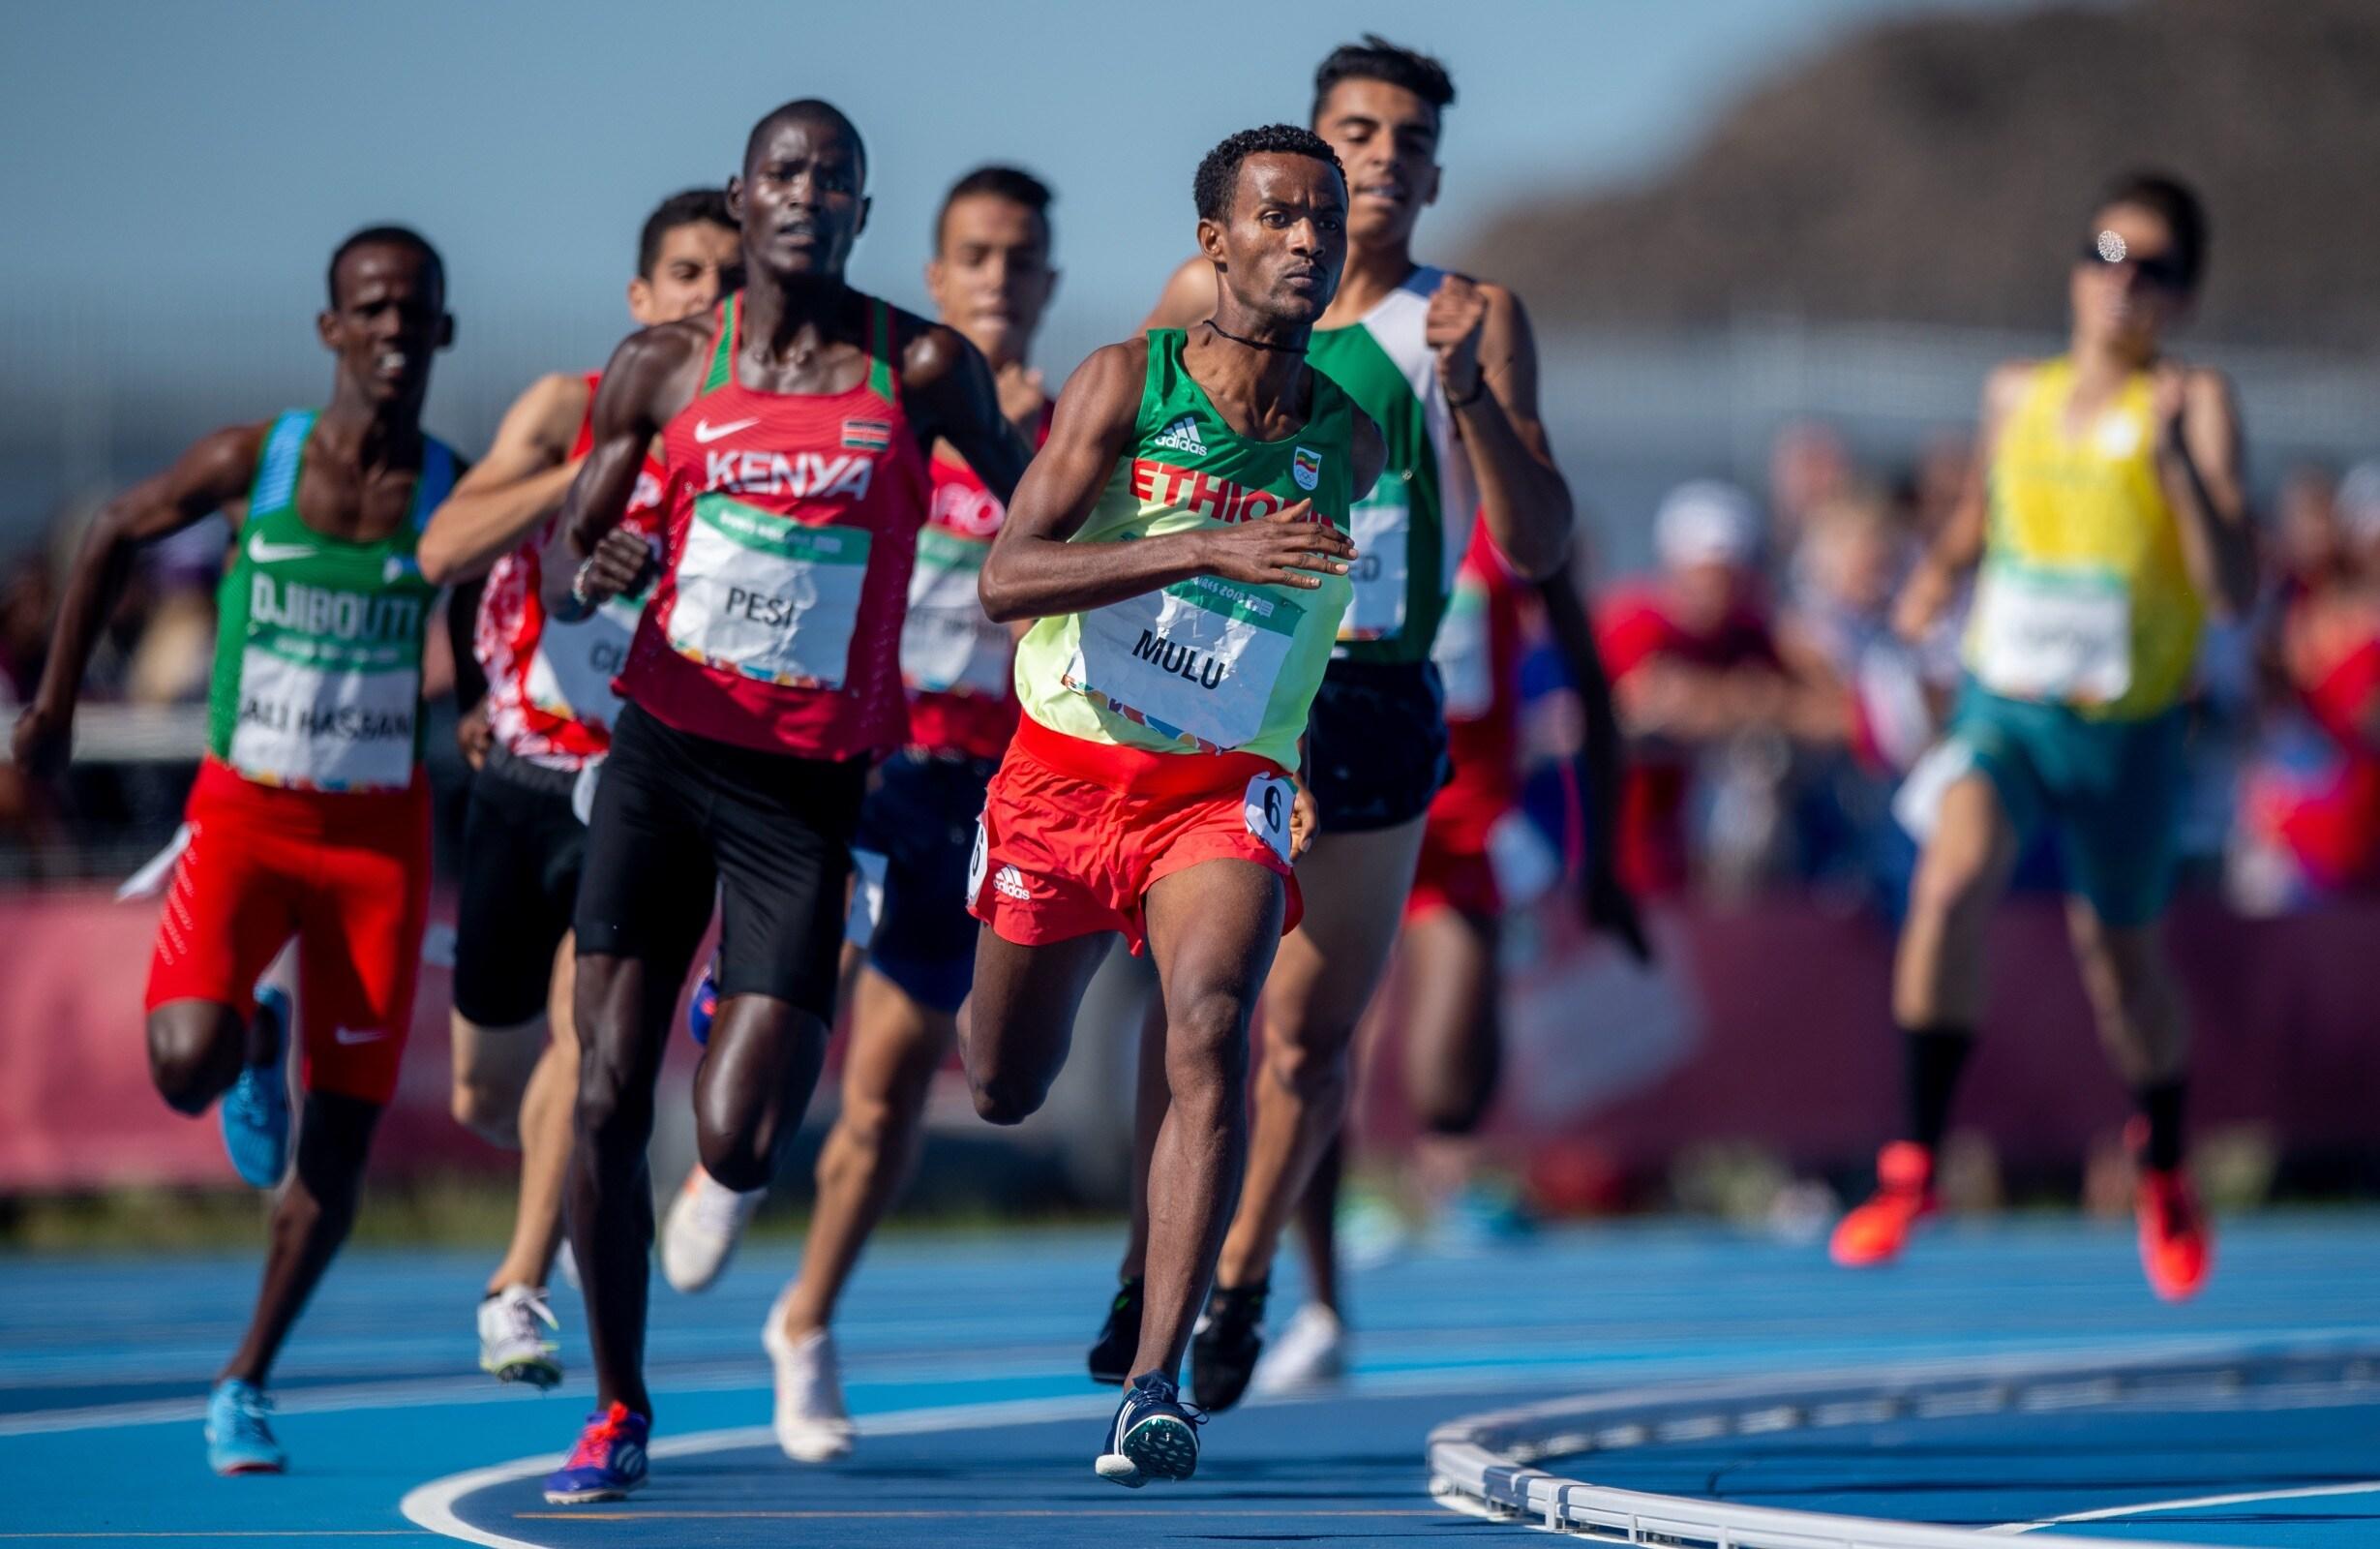 Buenos Aires 2018 - Athletics - Men's 800m